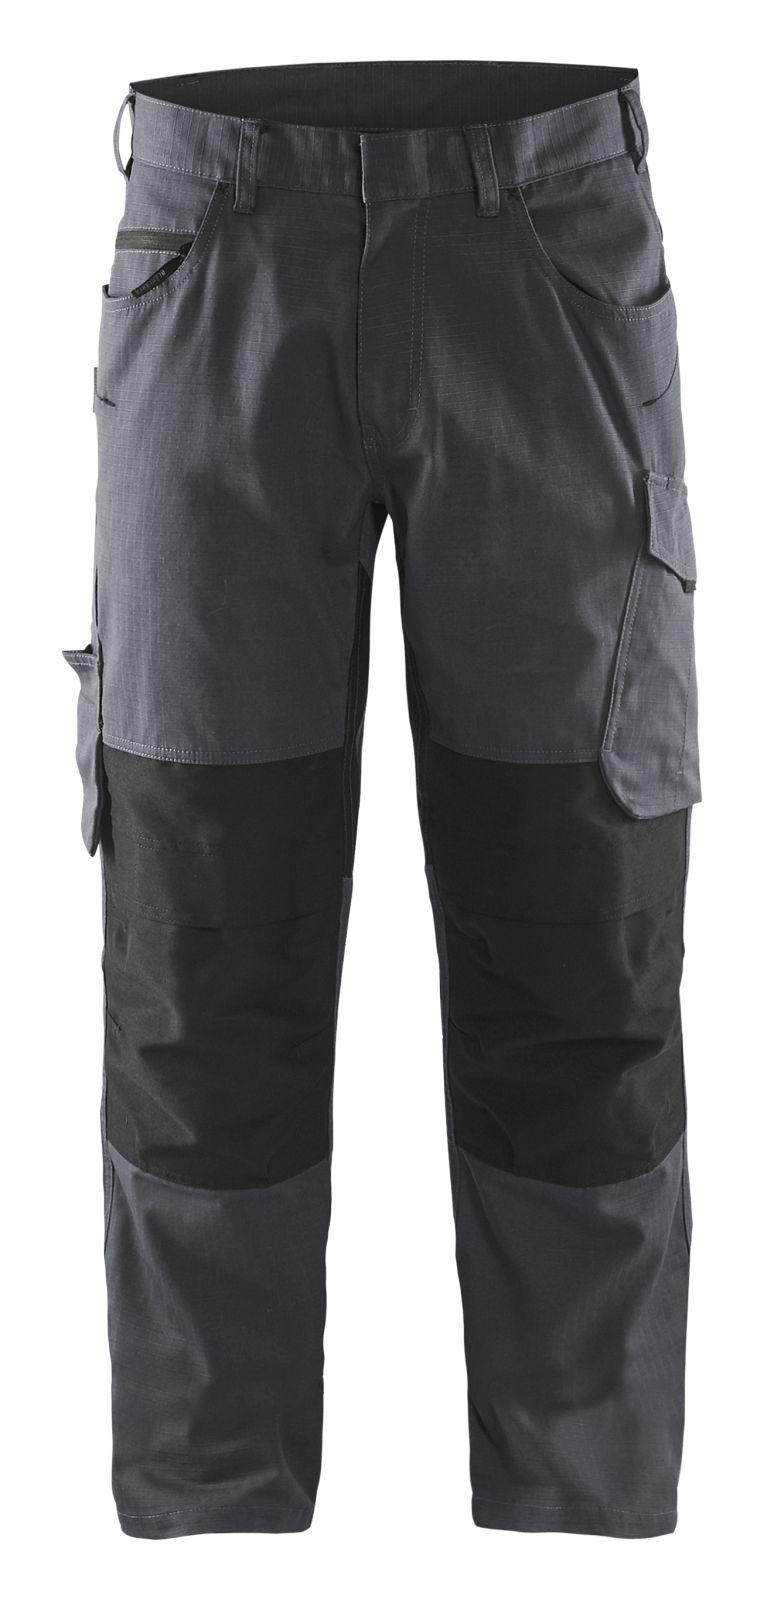 Blaklader Broeken 14951330 met Stretch midden grijs-zwart(9699)